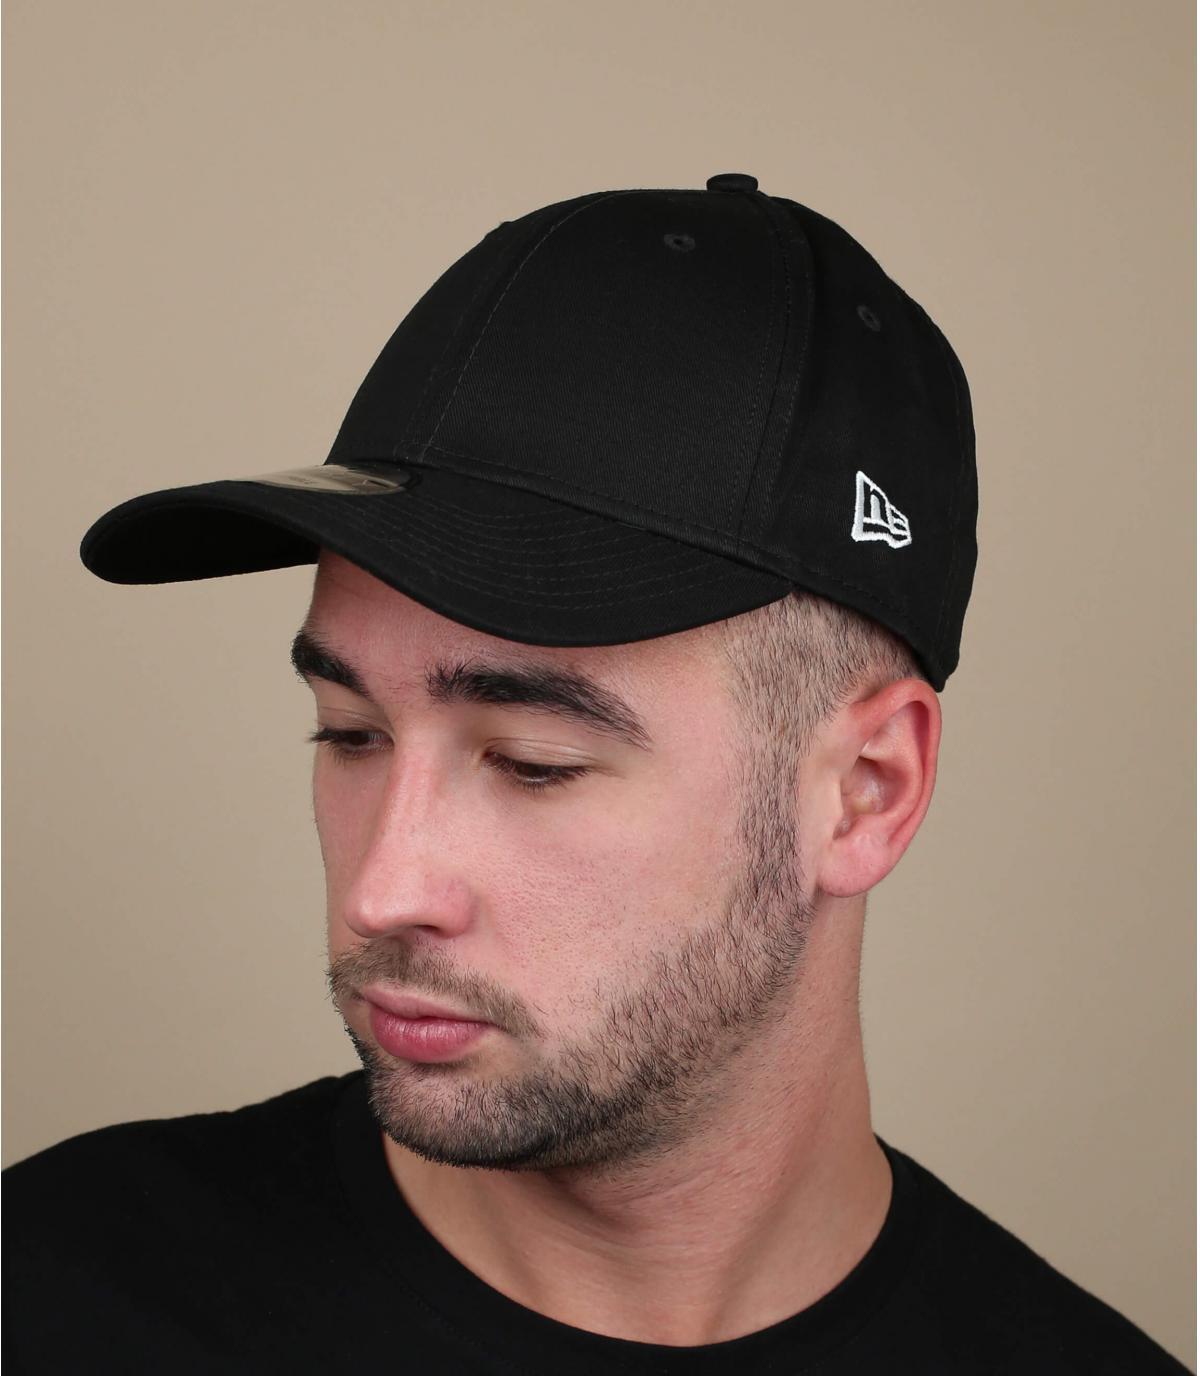 Black New Era curve cap